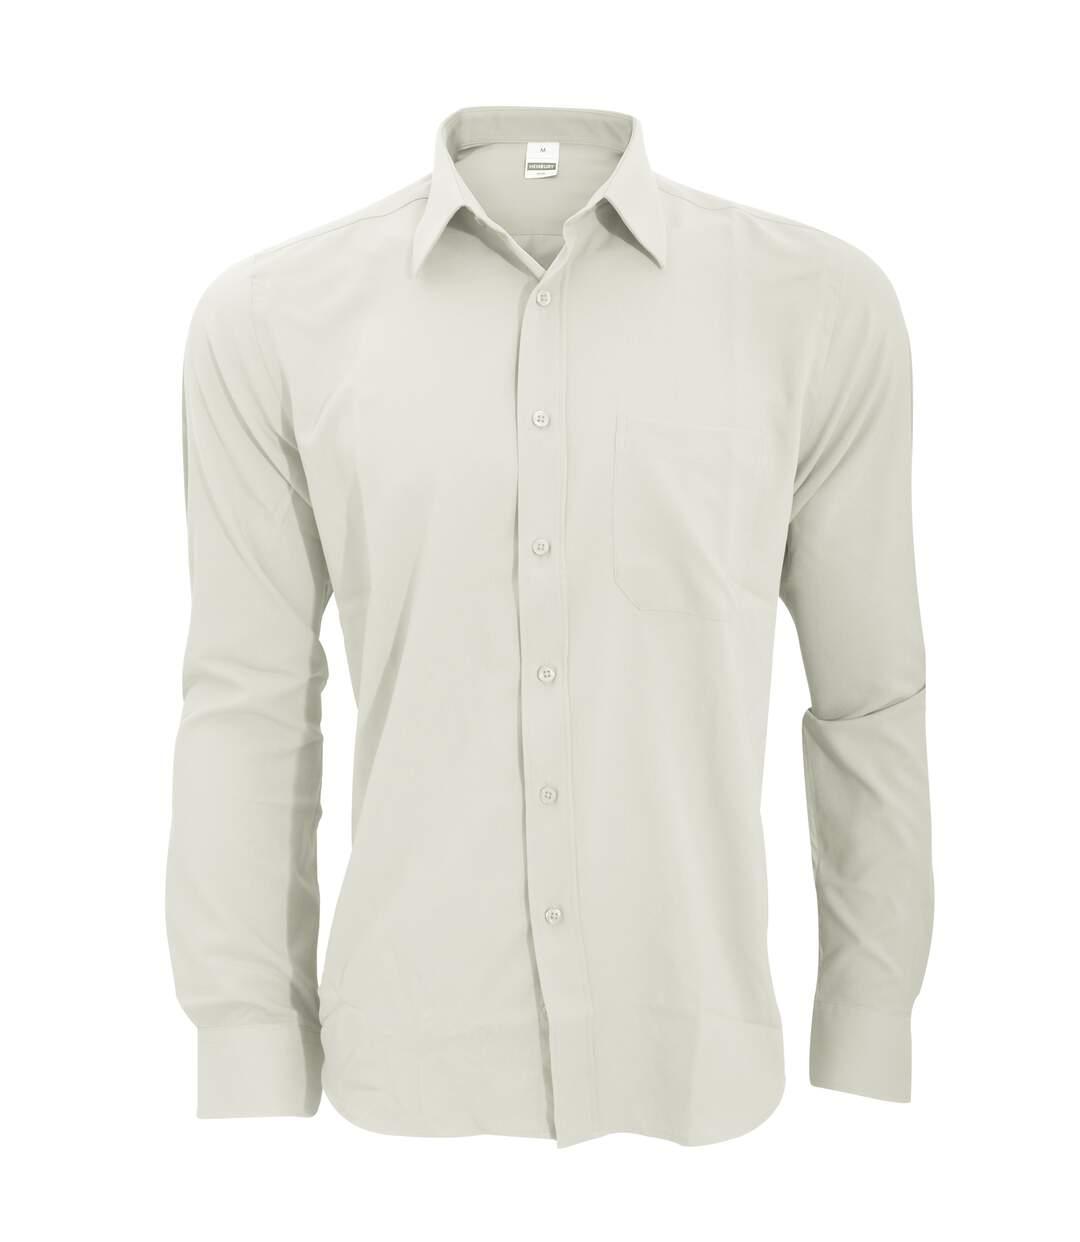 Henbury Mens Wicking Long Sleeve Work Shirt (White) - UTRW2696